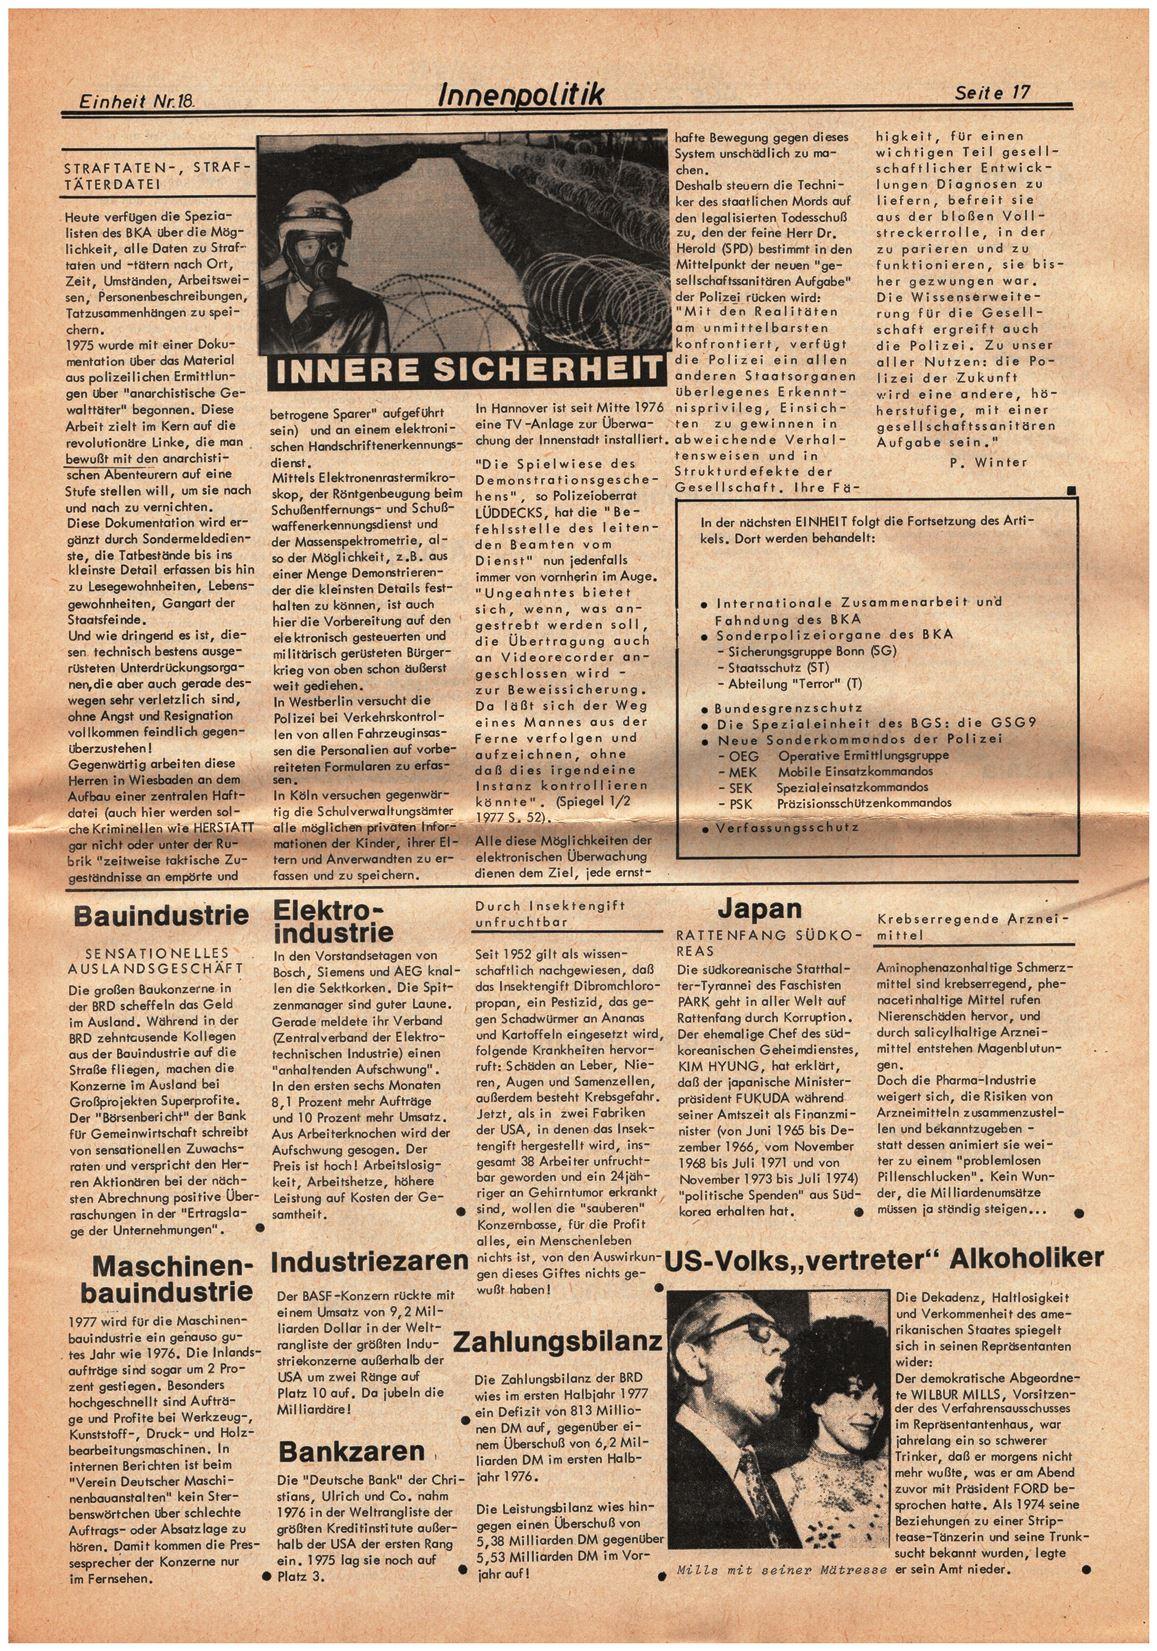 Koeln_IPdA_Einheit_1977_018_017